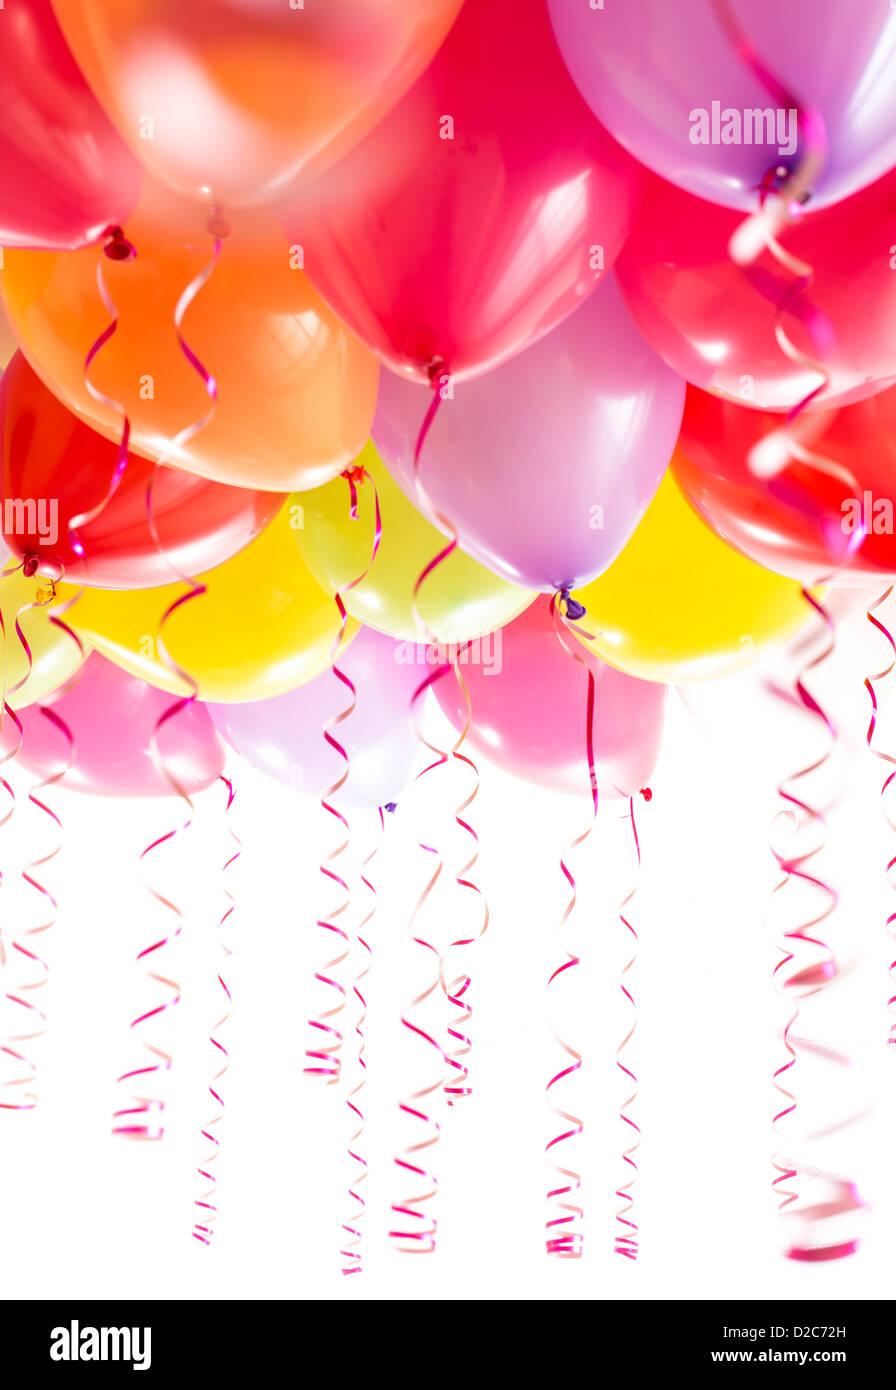 Globos con streamers para la celebración de fiestas de cumpleaños aislado sobre fondo blanco. Imagen De Stock